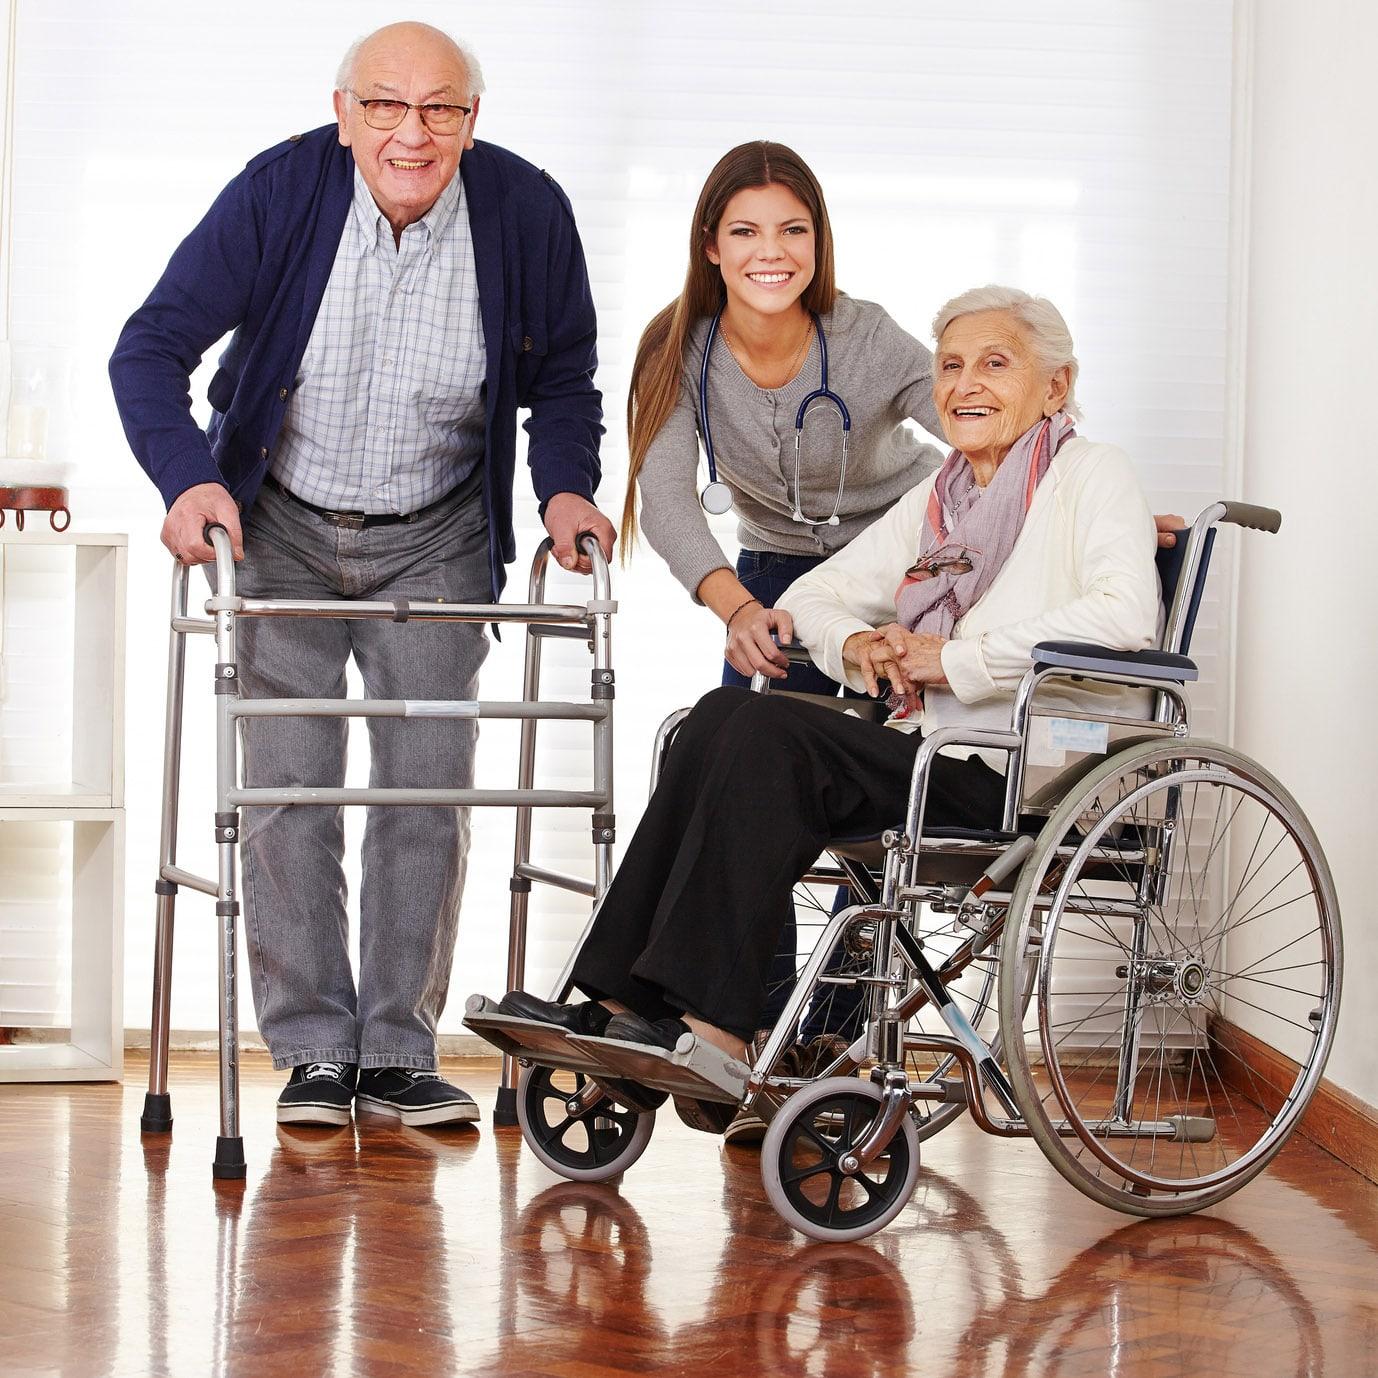 Jak wybrać ośrodek opieki nad osobami starszymi: 3 zasady